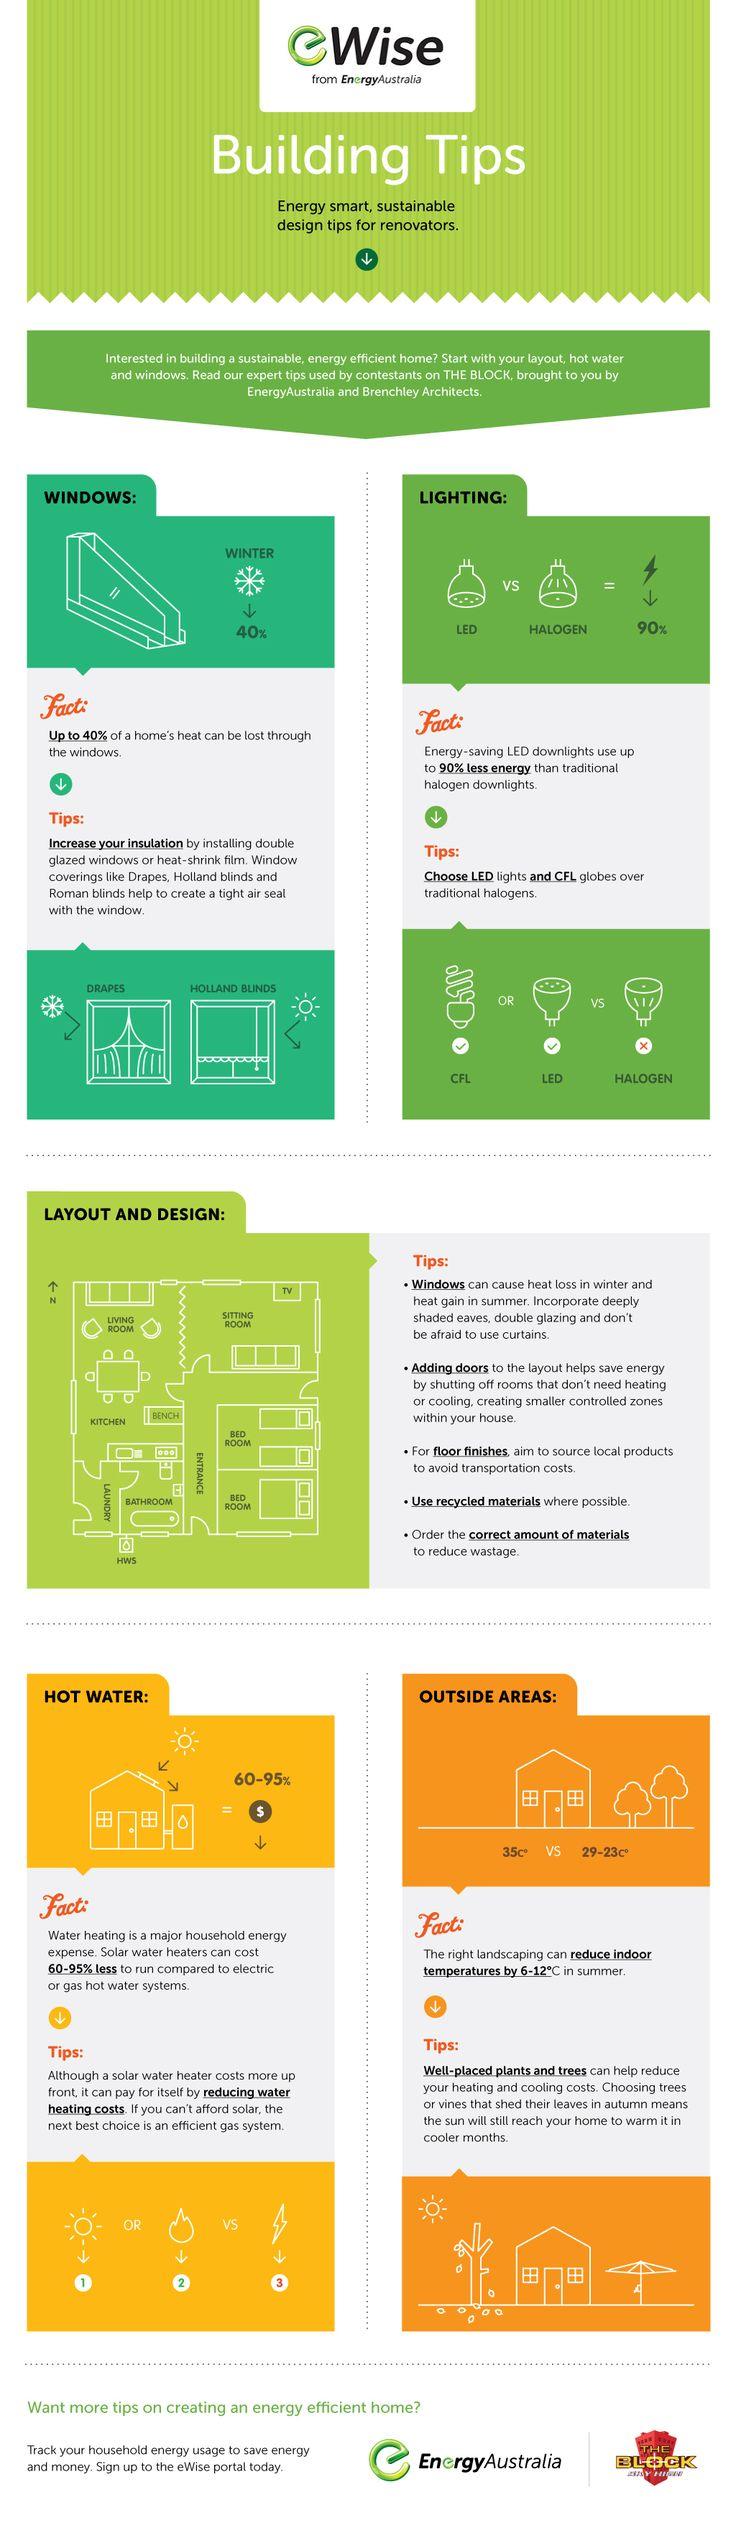 Aquí podrás encontrar algunos tips sobre como mejorar la eficiencia energética de una vivienda. Cortesía de eWise, The Block & Brenchley arquitectos.  #eWise